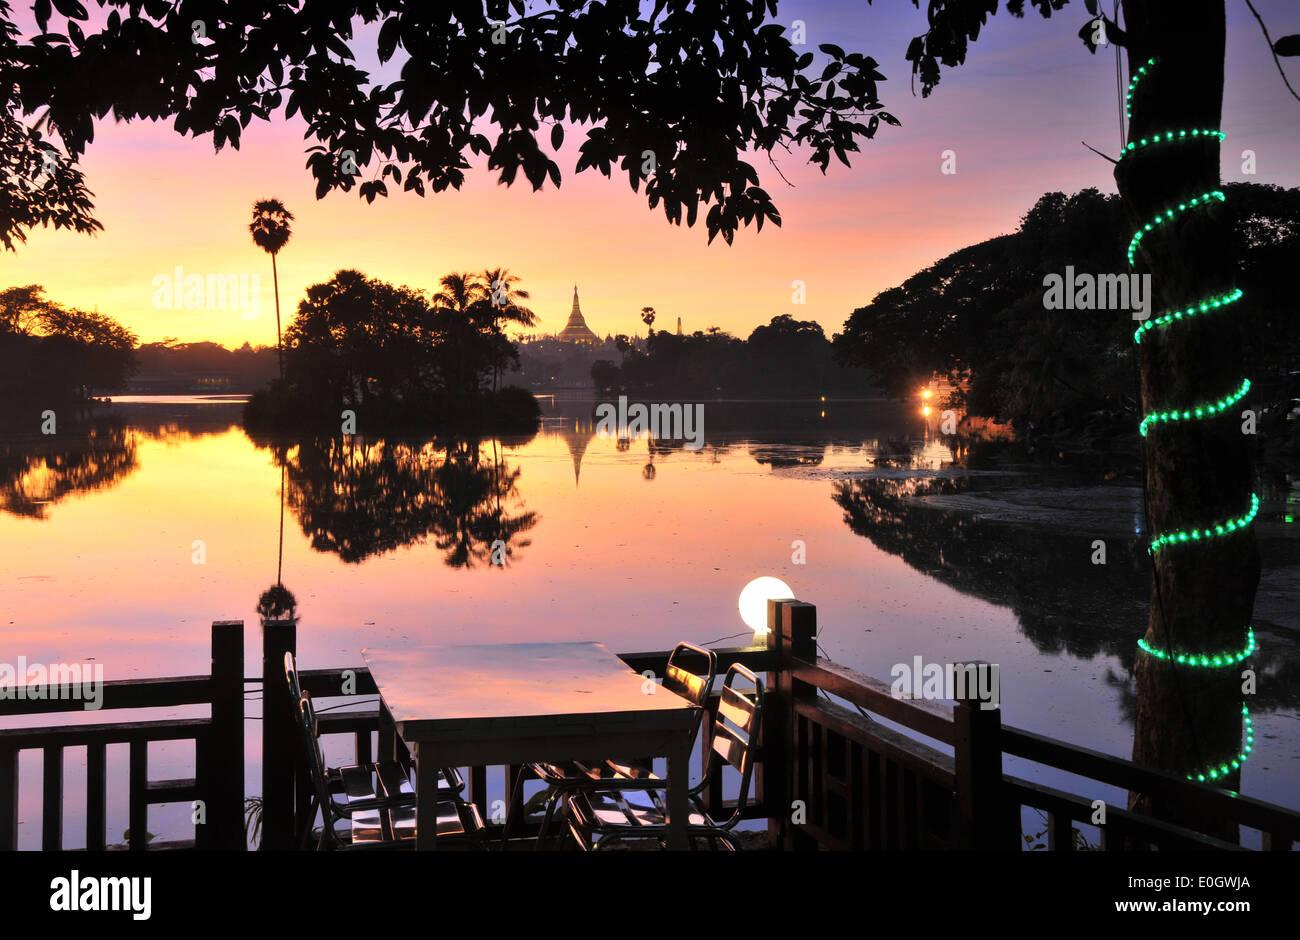 View on the Shwedagon Pagoda from Kandawgyi lake, Yangon, Myanmar, Burma, Asia Stock Photo